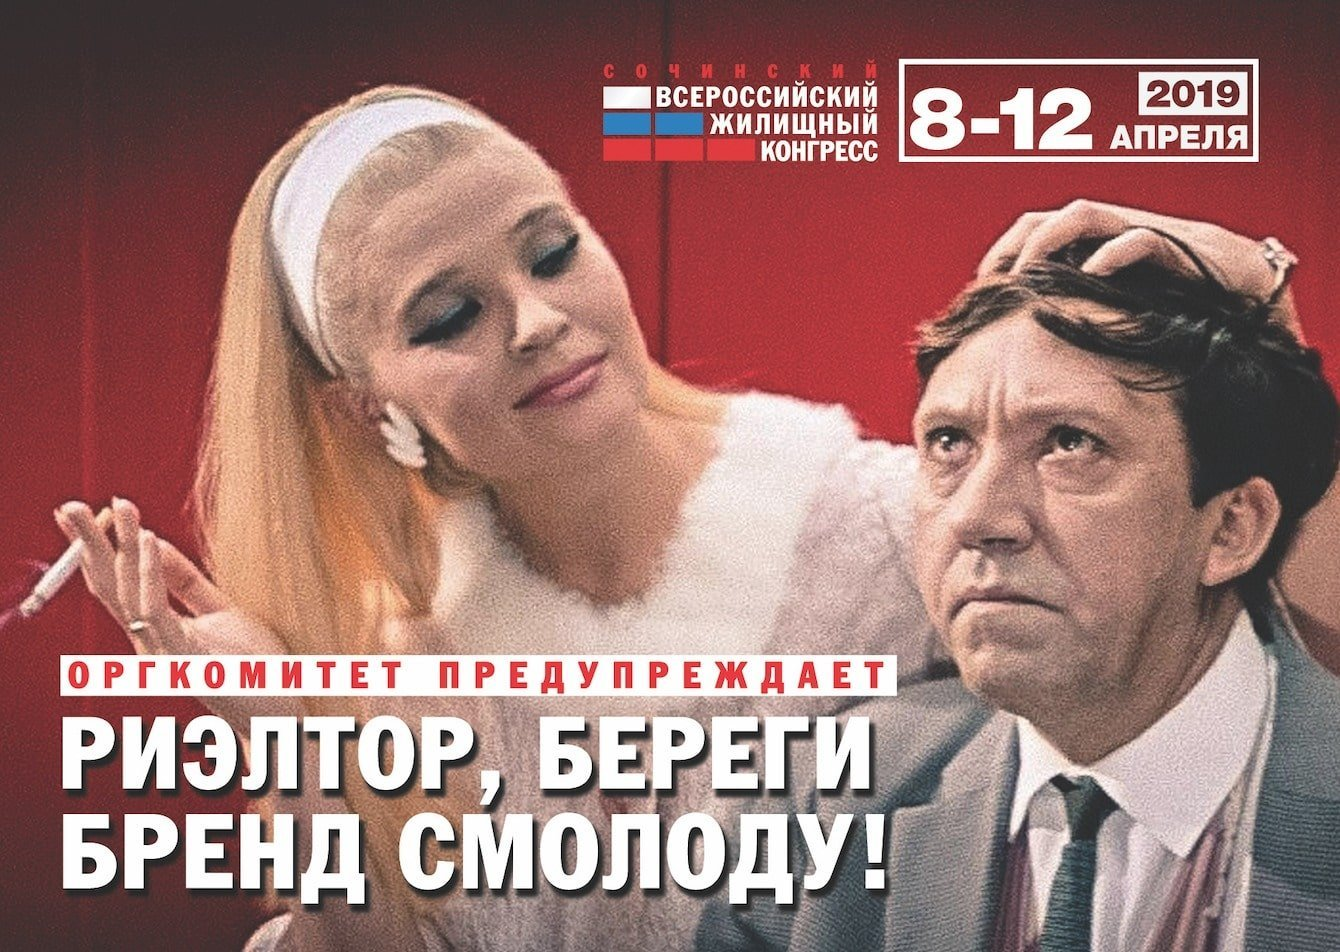 Сочинский Всероссийский жилищный конгресс @ Сочи